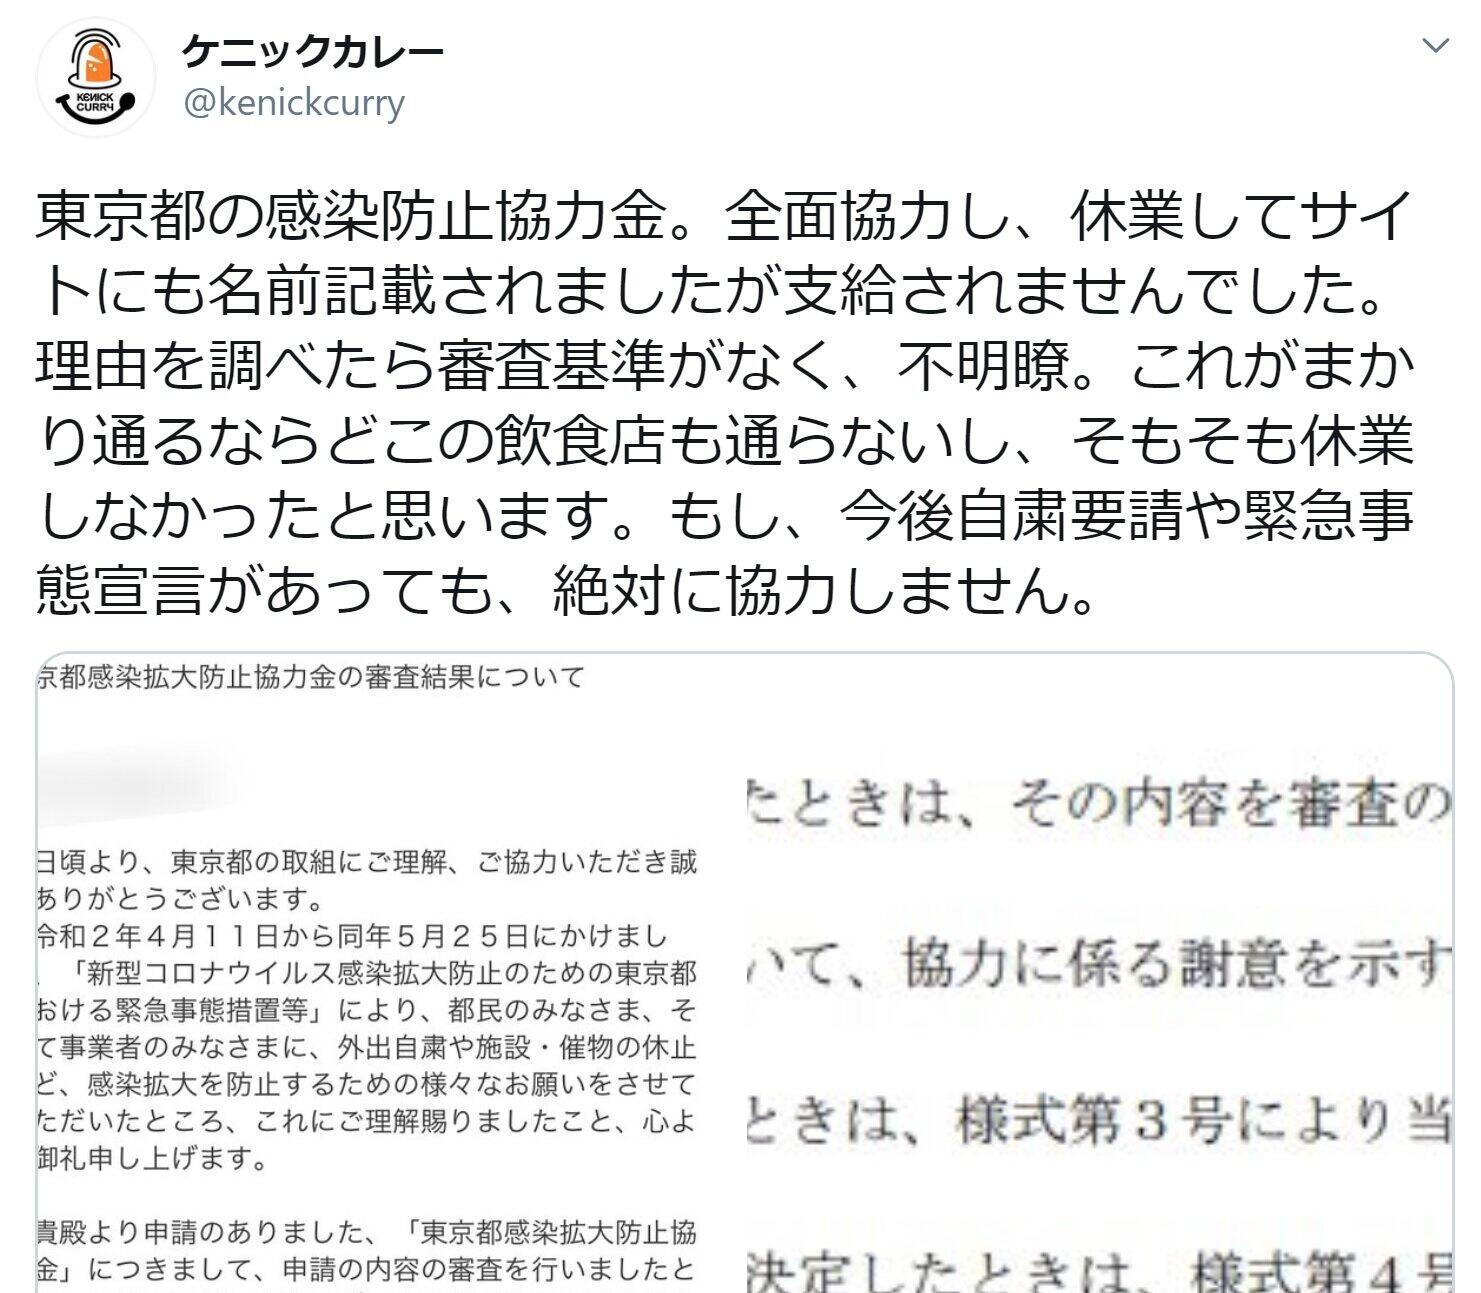 「感染防止協力金、休業しても支給されず」 著名カレー店が東京都に苦言